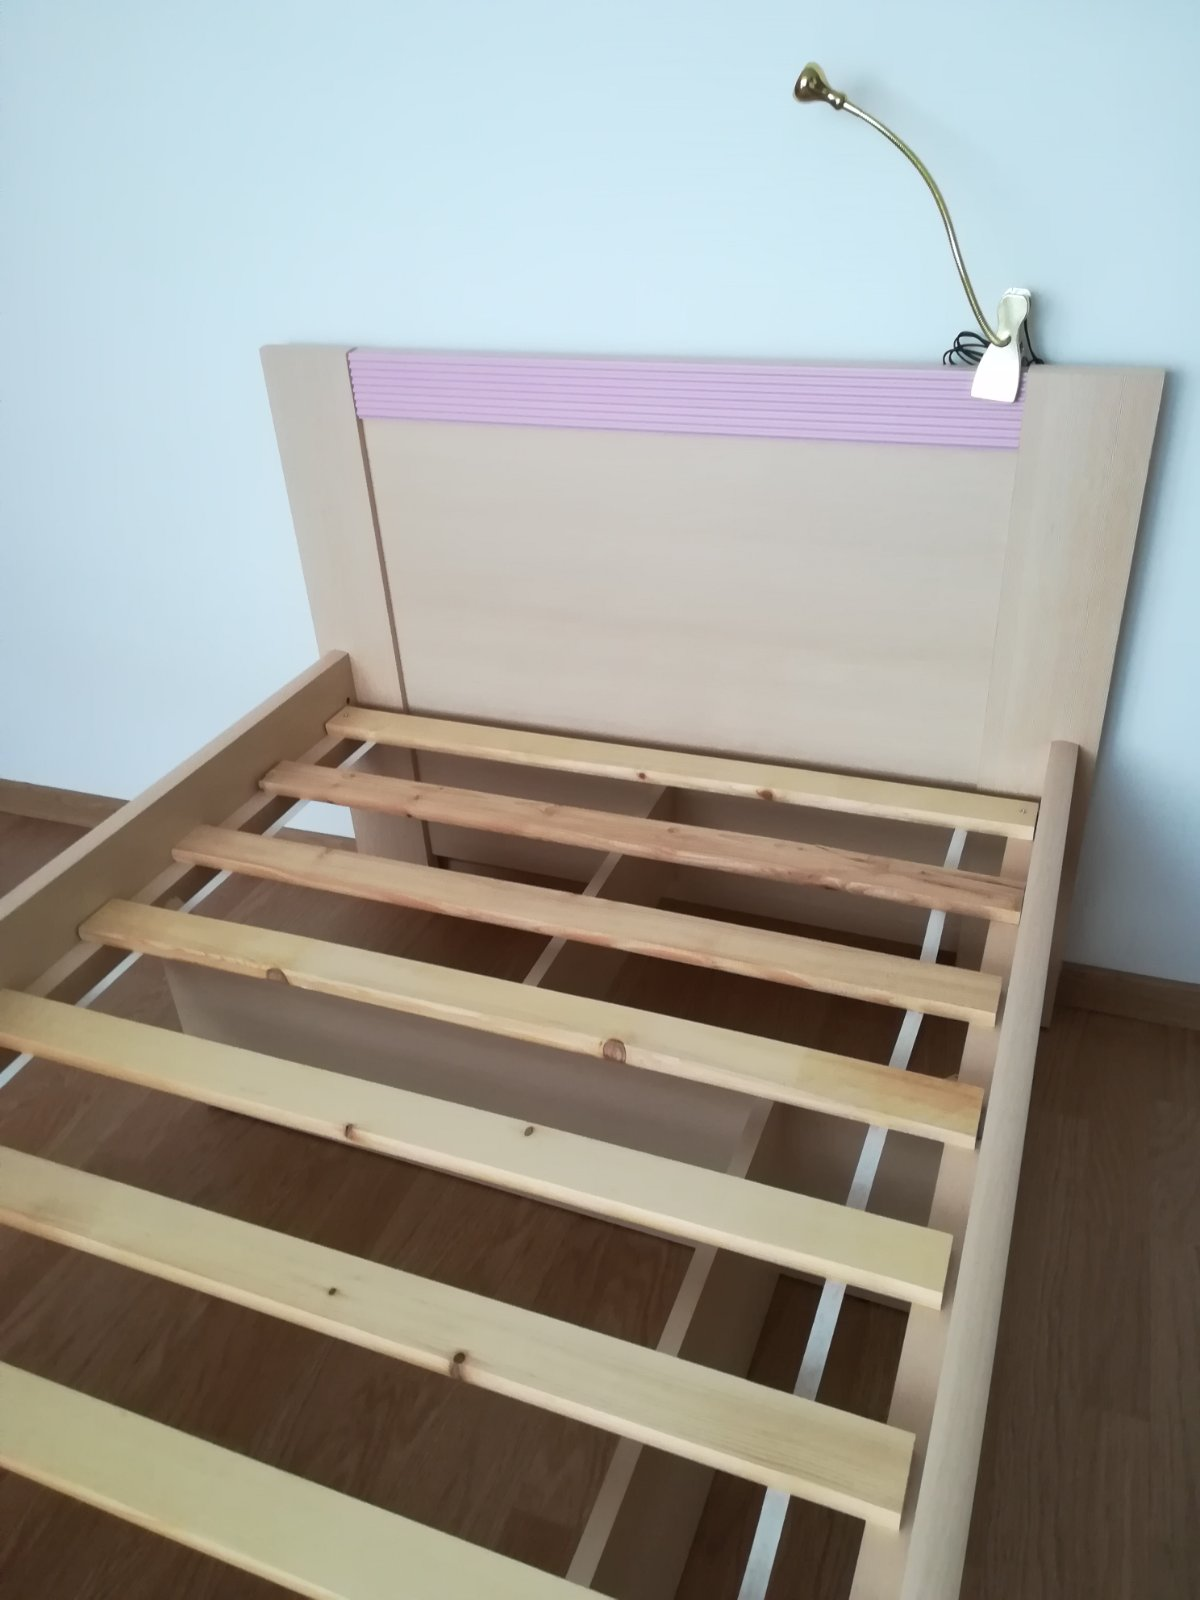 Dievčenská posteľ - NOVÁ CENA - Obrázok č. 2